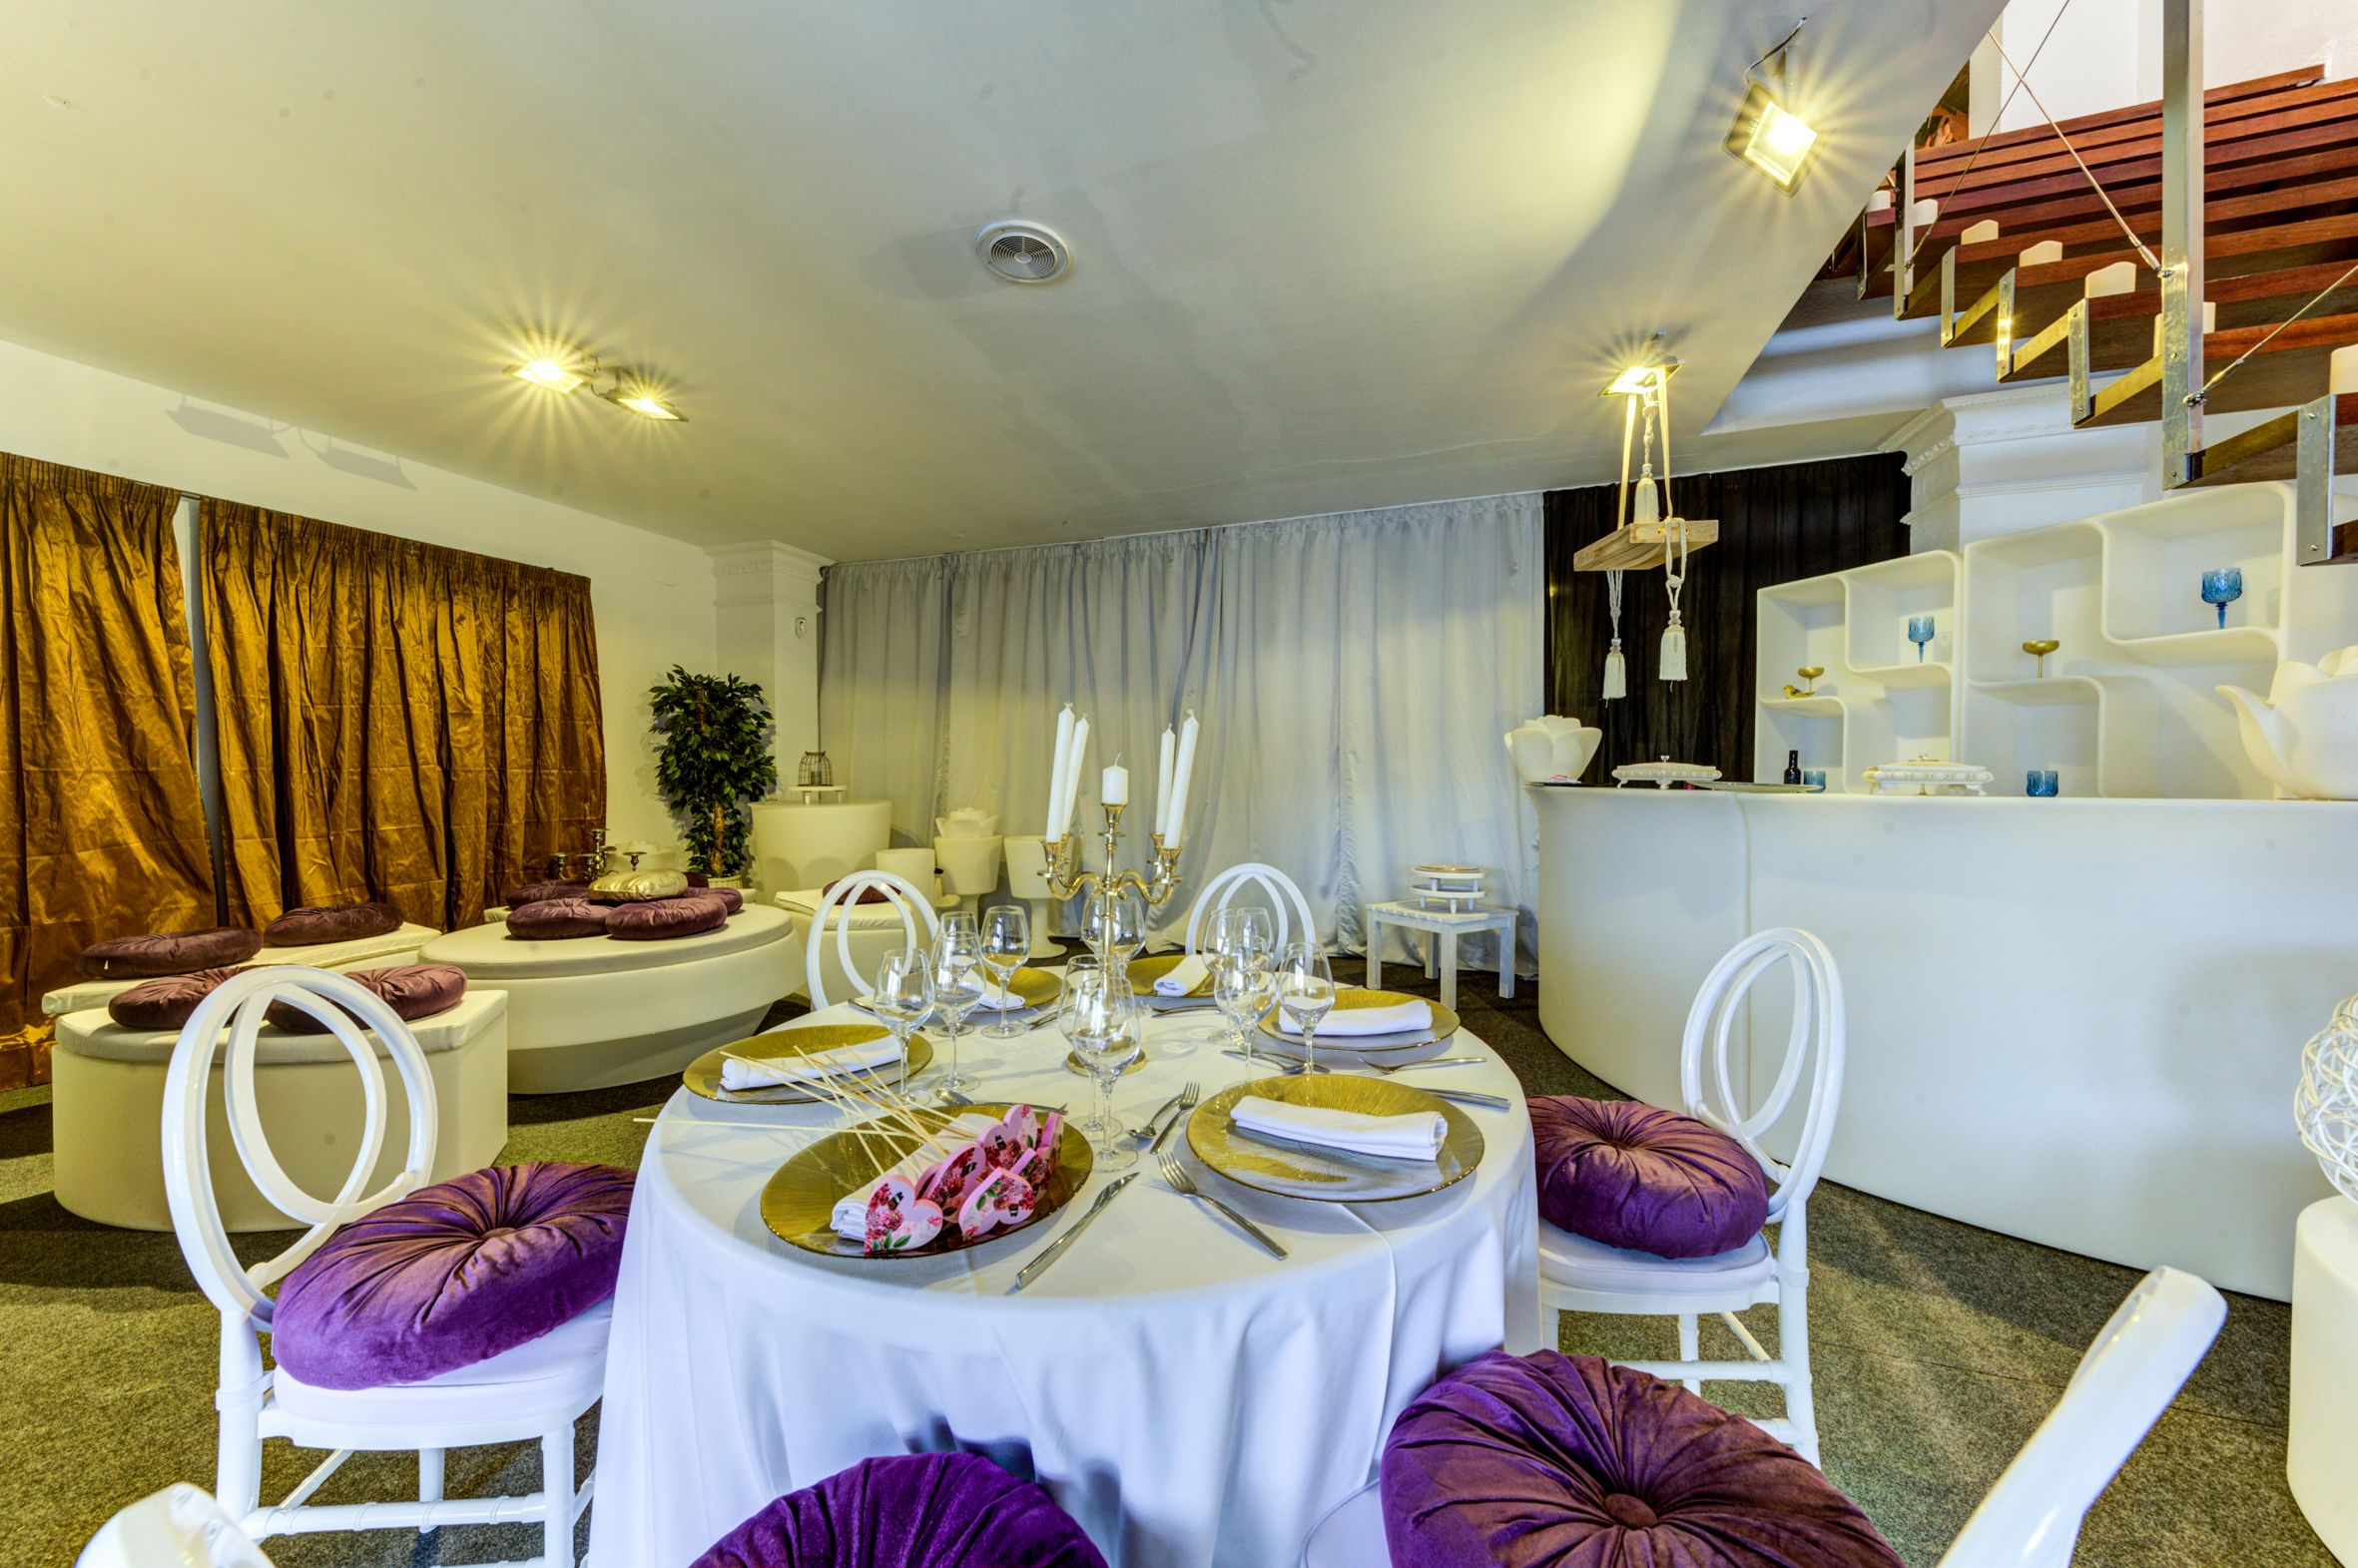 Mesas decoradas con tonalidades color camel y rosa